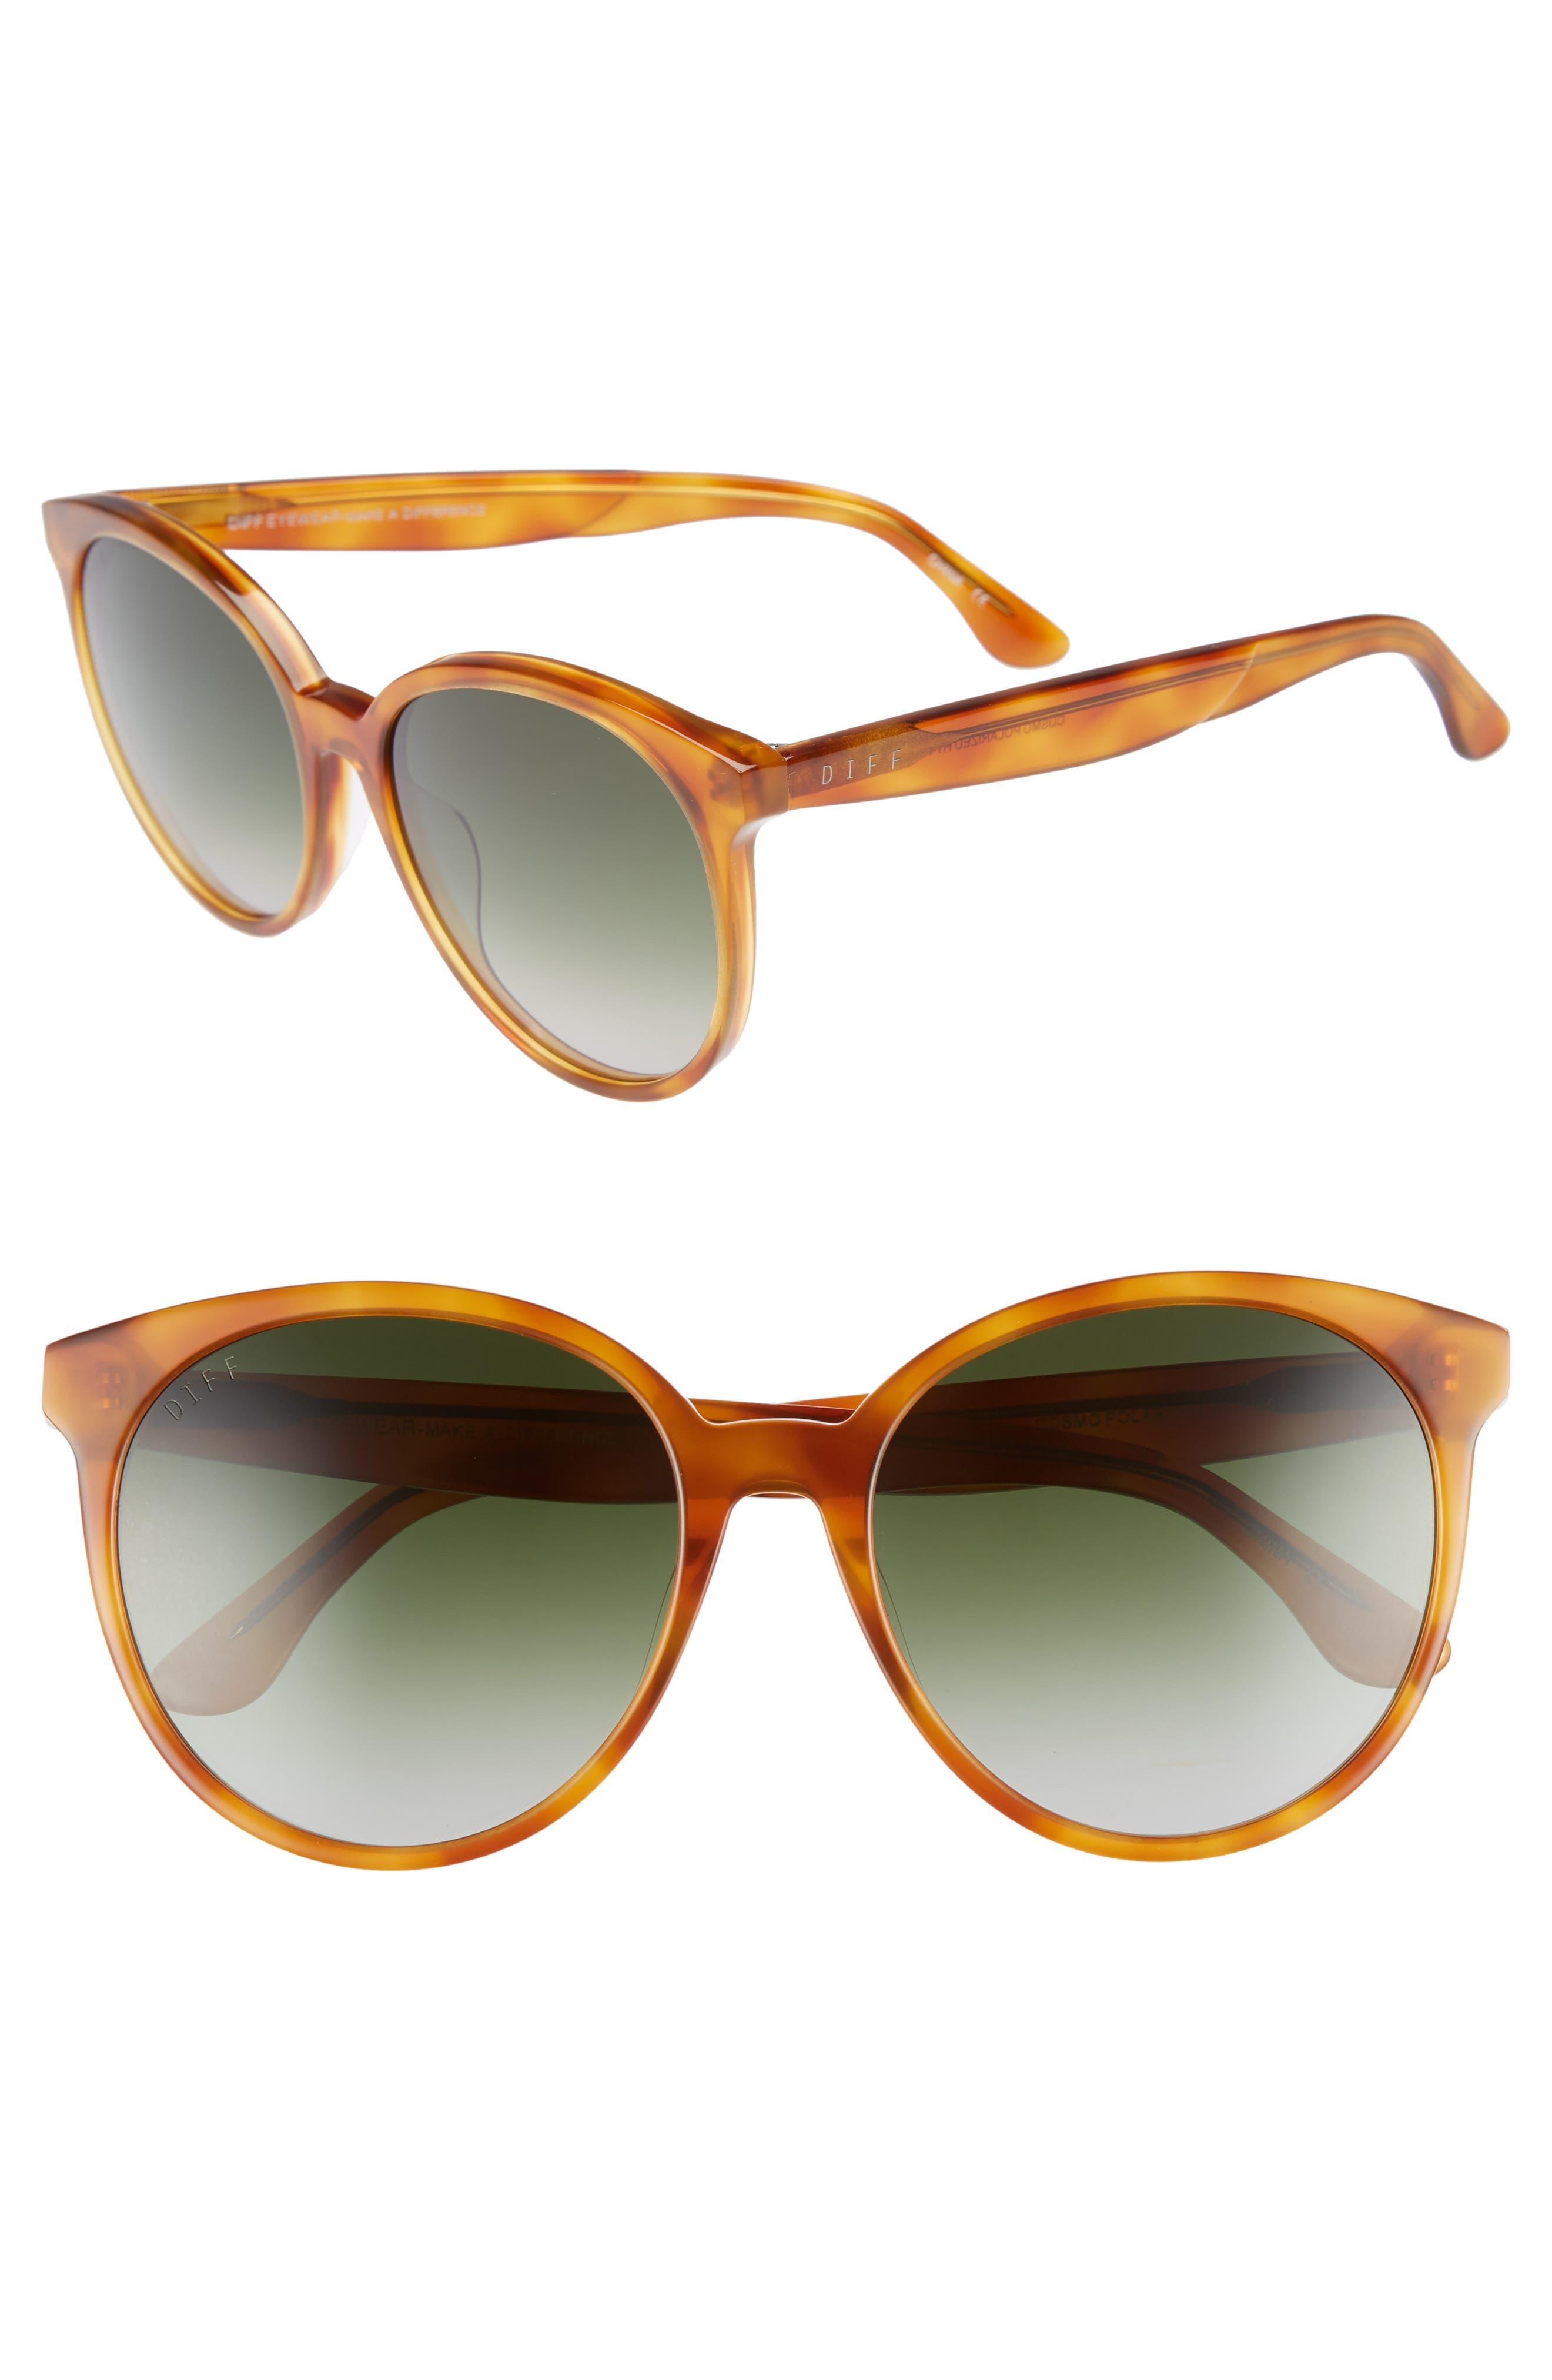 7086df48f5f DIFF Sunglasses for Women